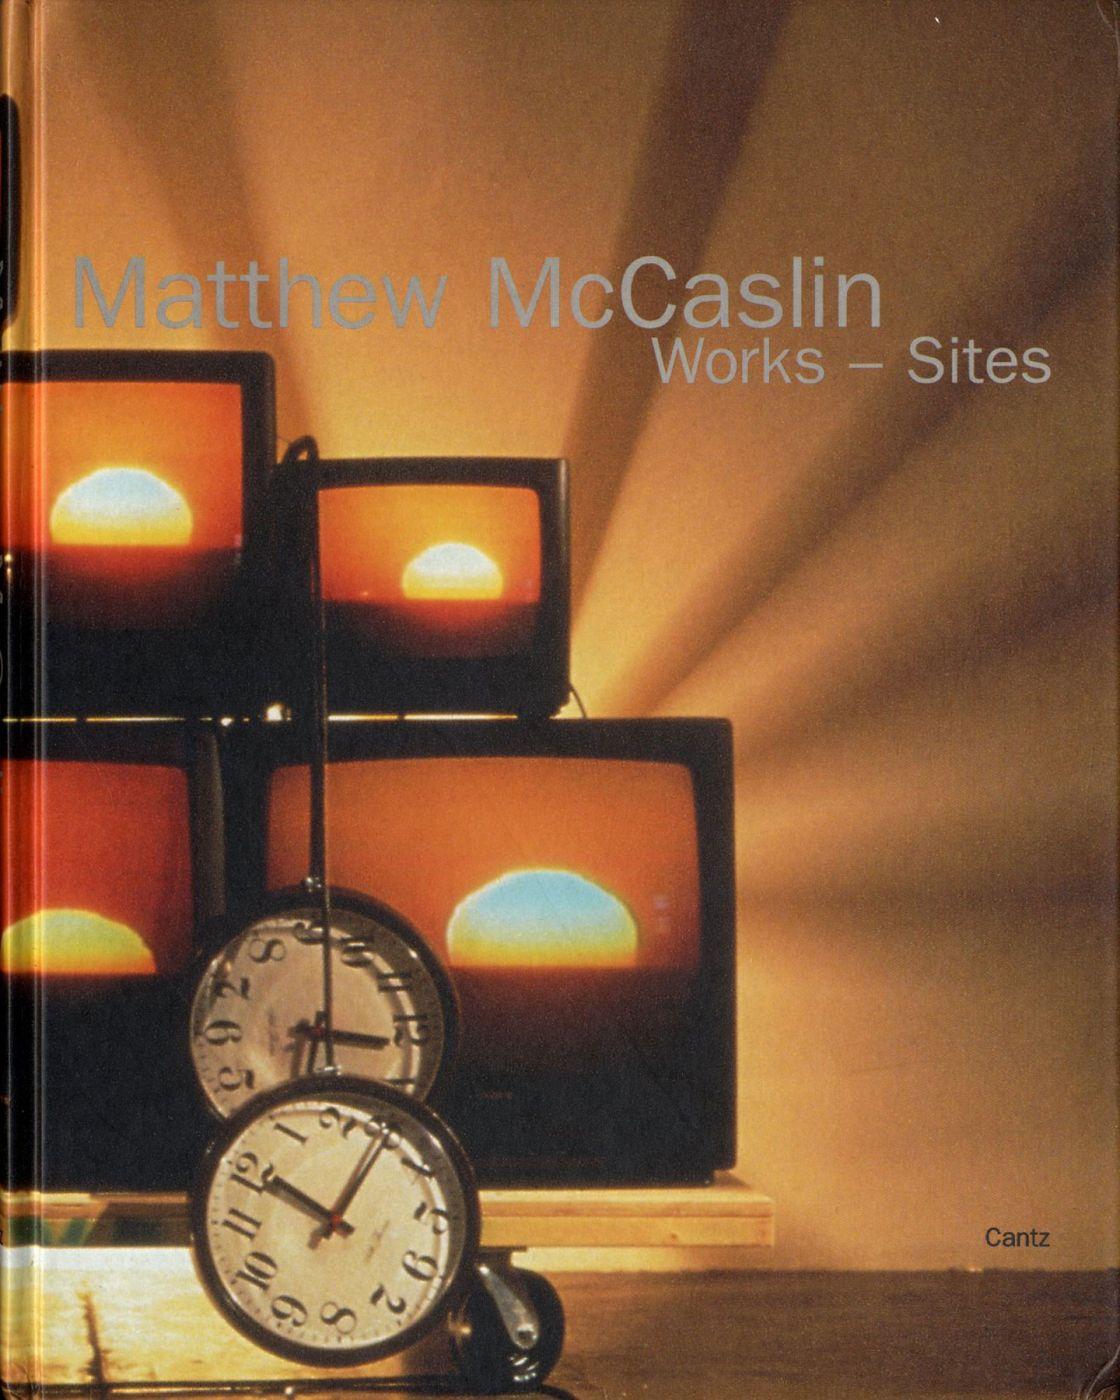 Matthew McCaslin: Works - Sites, Katalogansicht